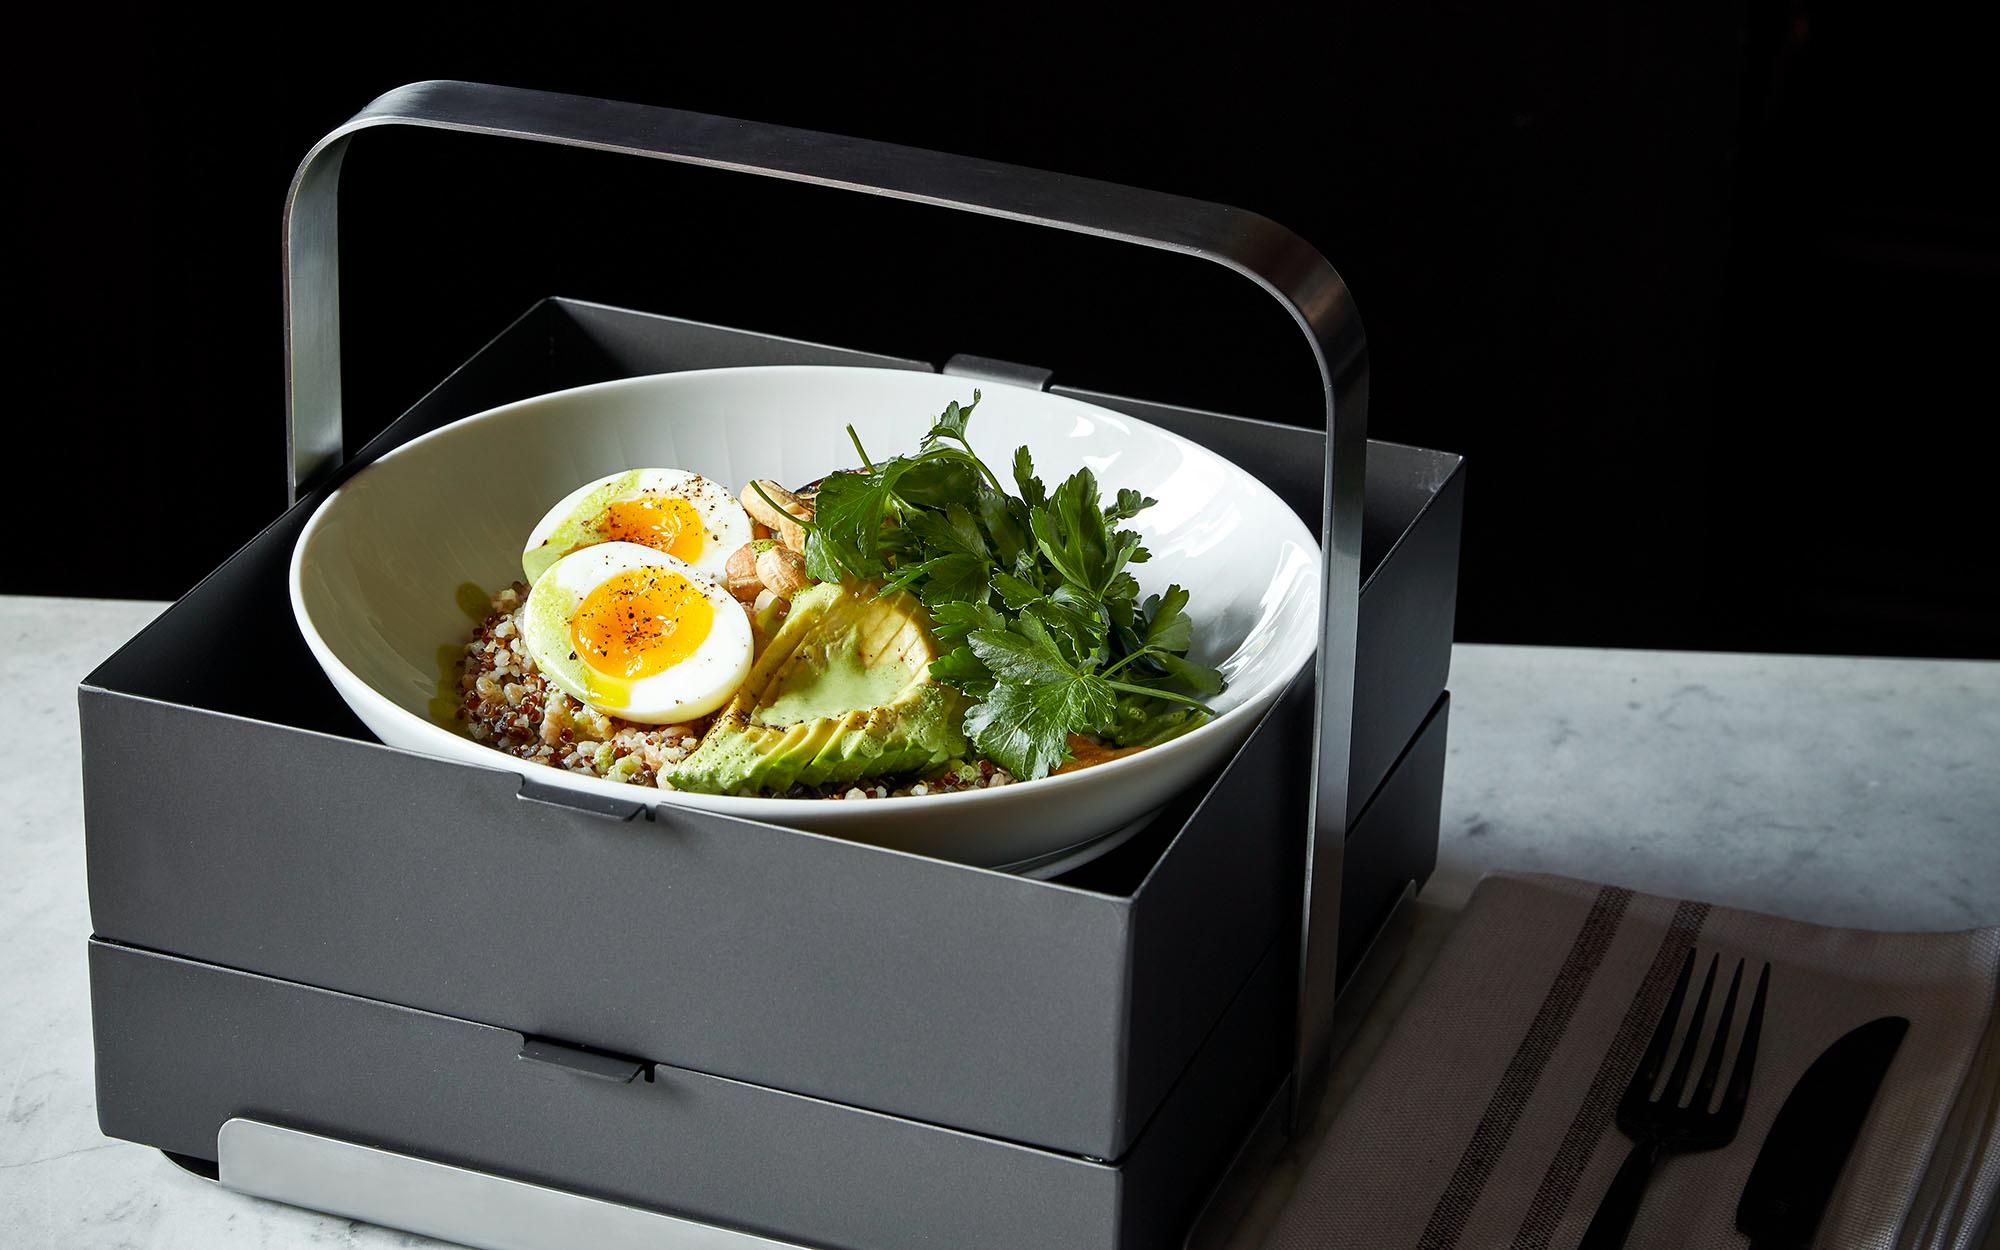 dish in box